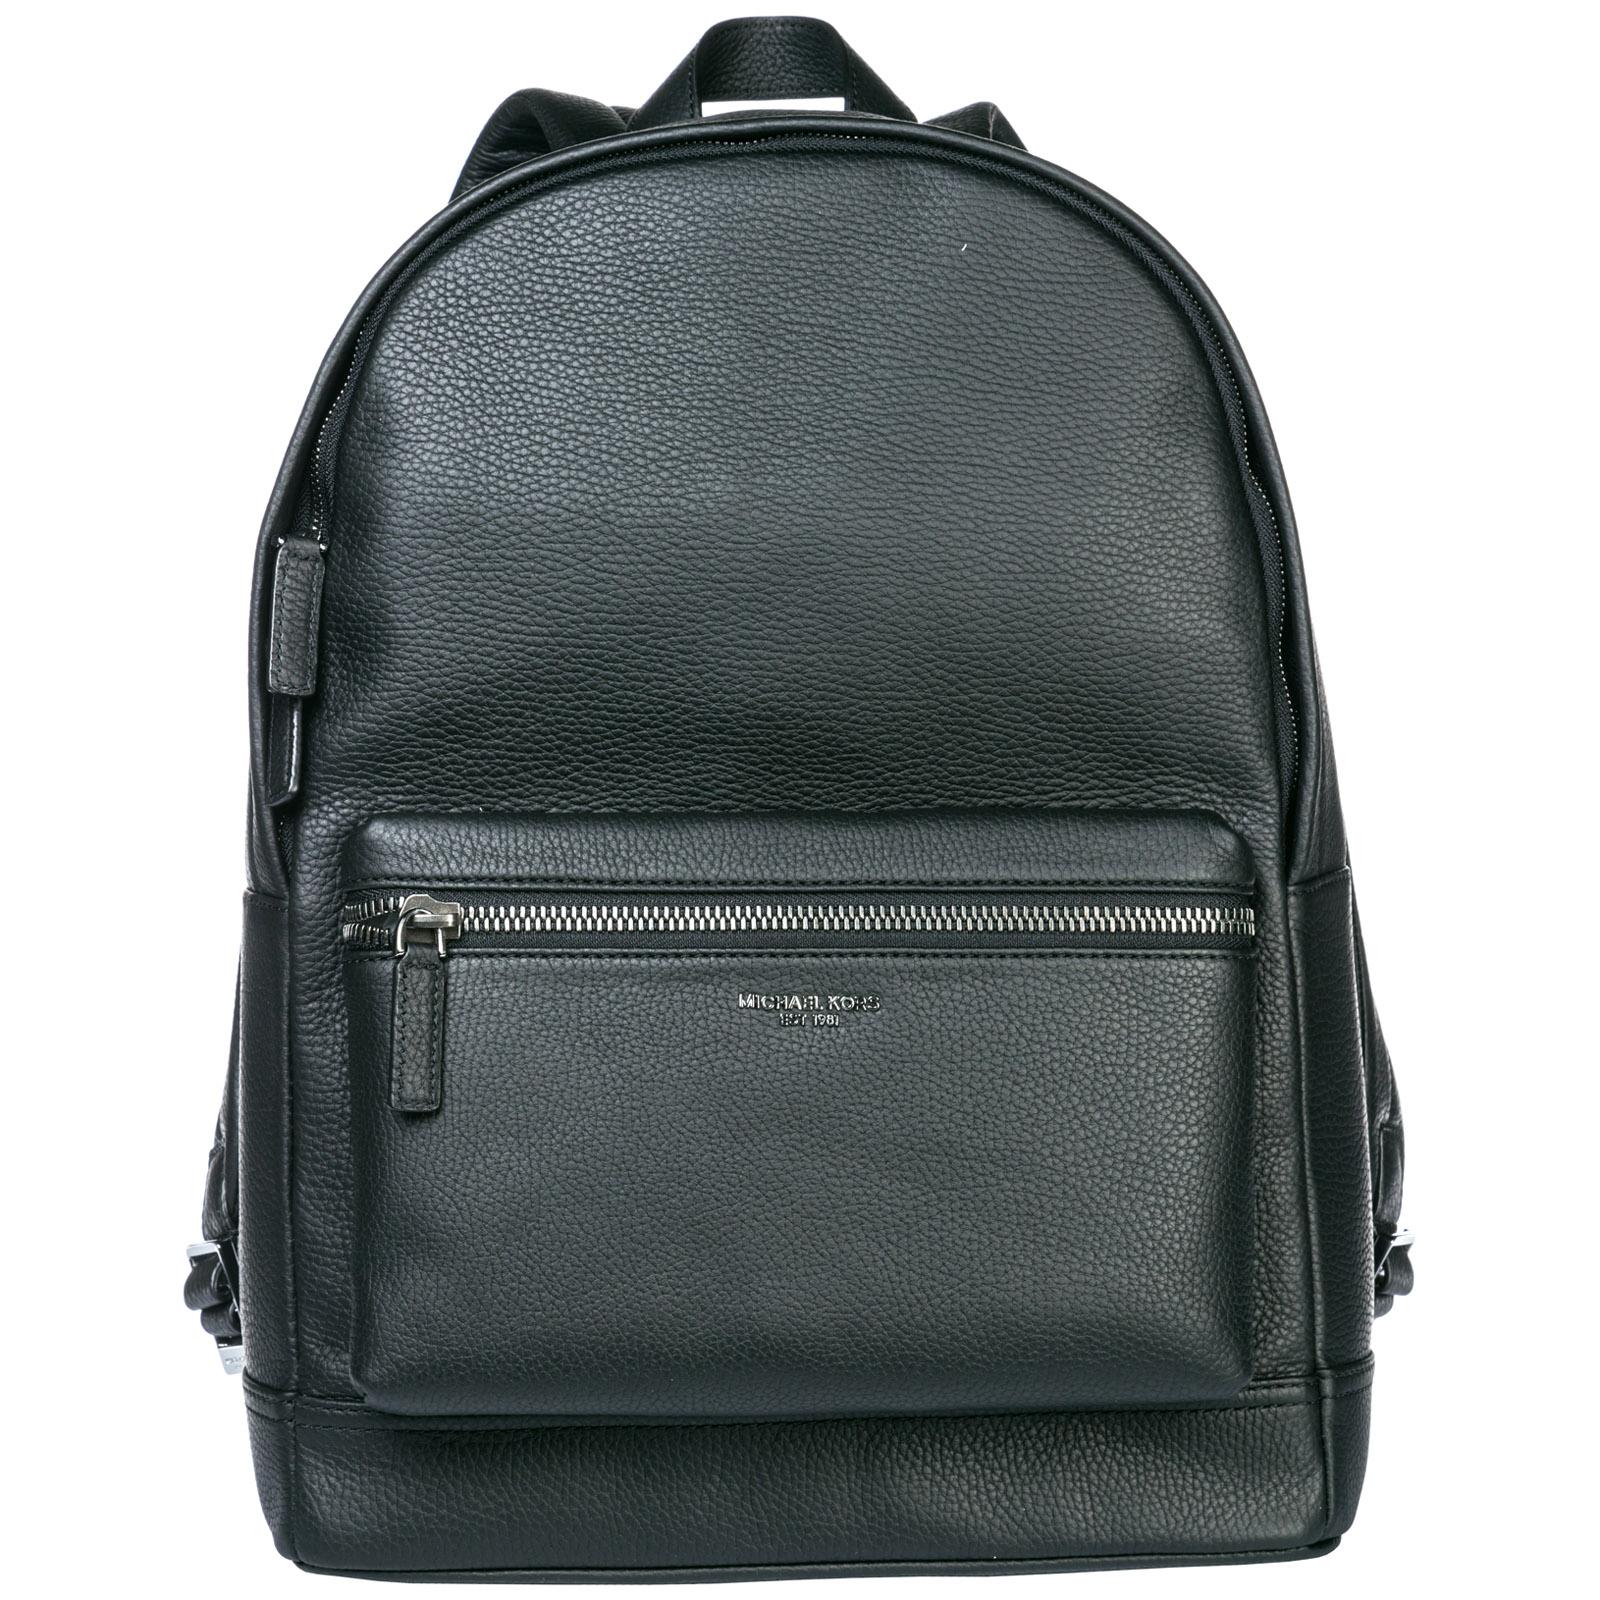 7b62ffe6cdd5 Michael Kors Men's Leather Rucksack Backpack Travel Bryant In Black ...